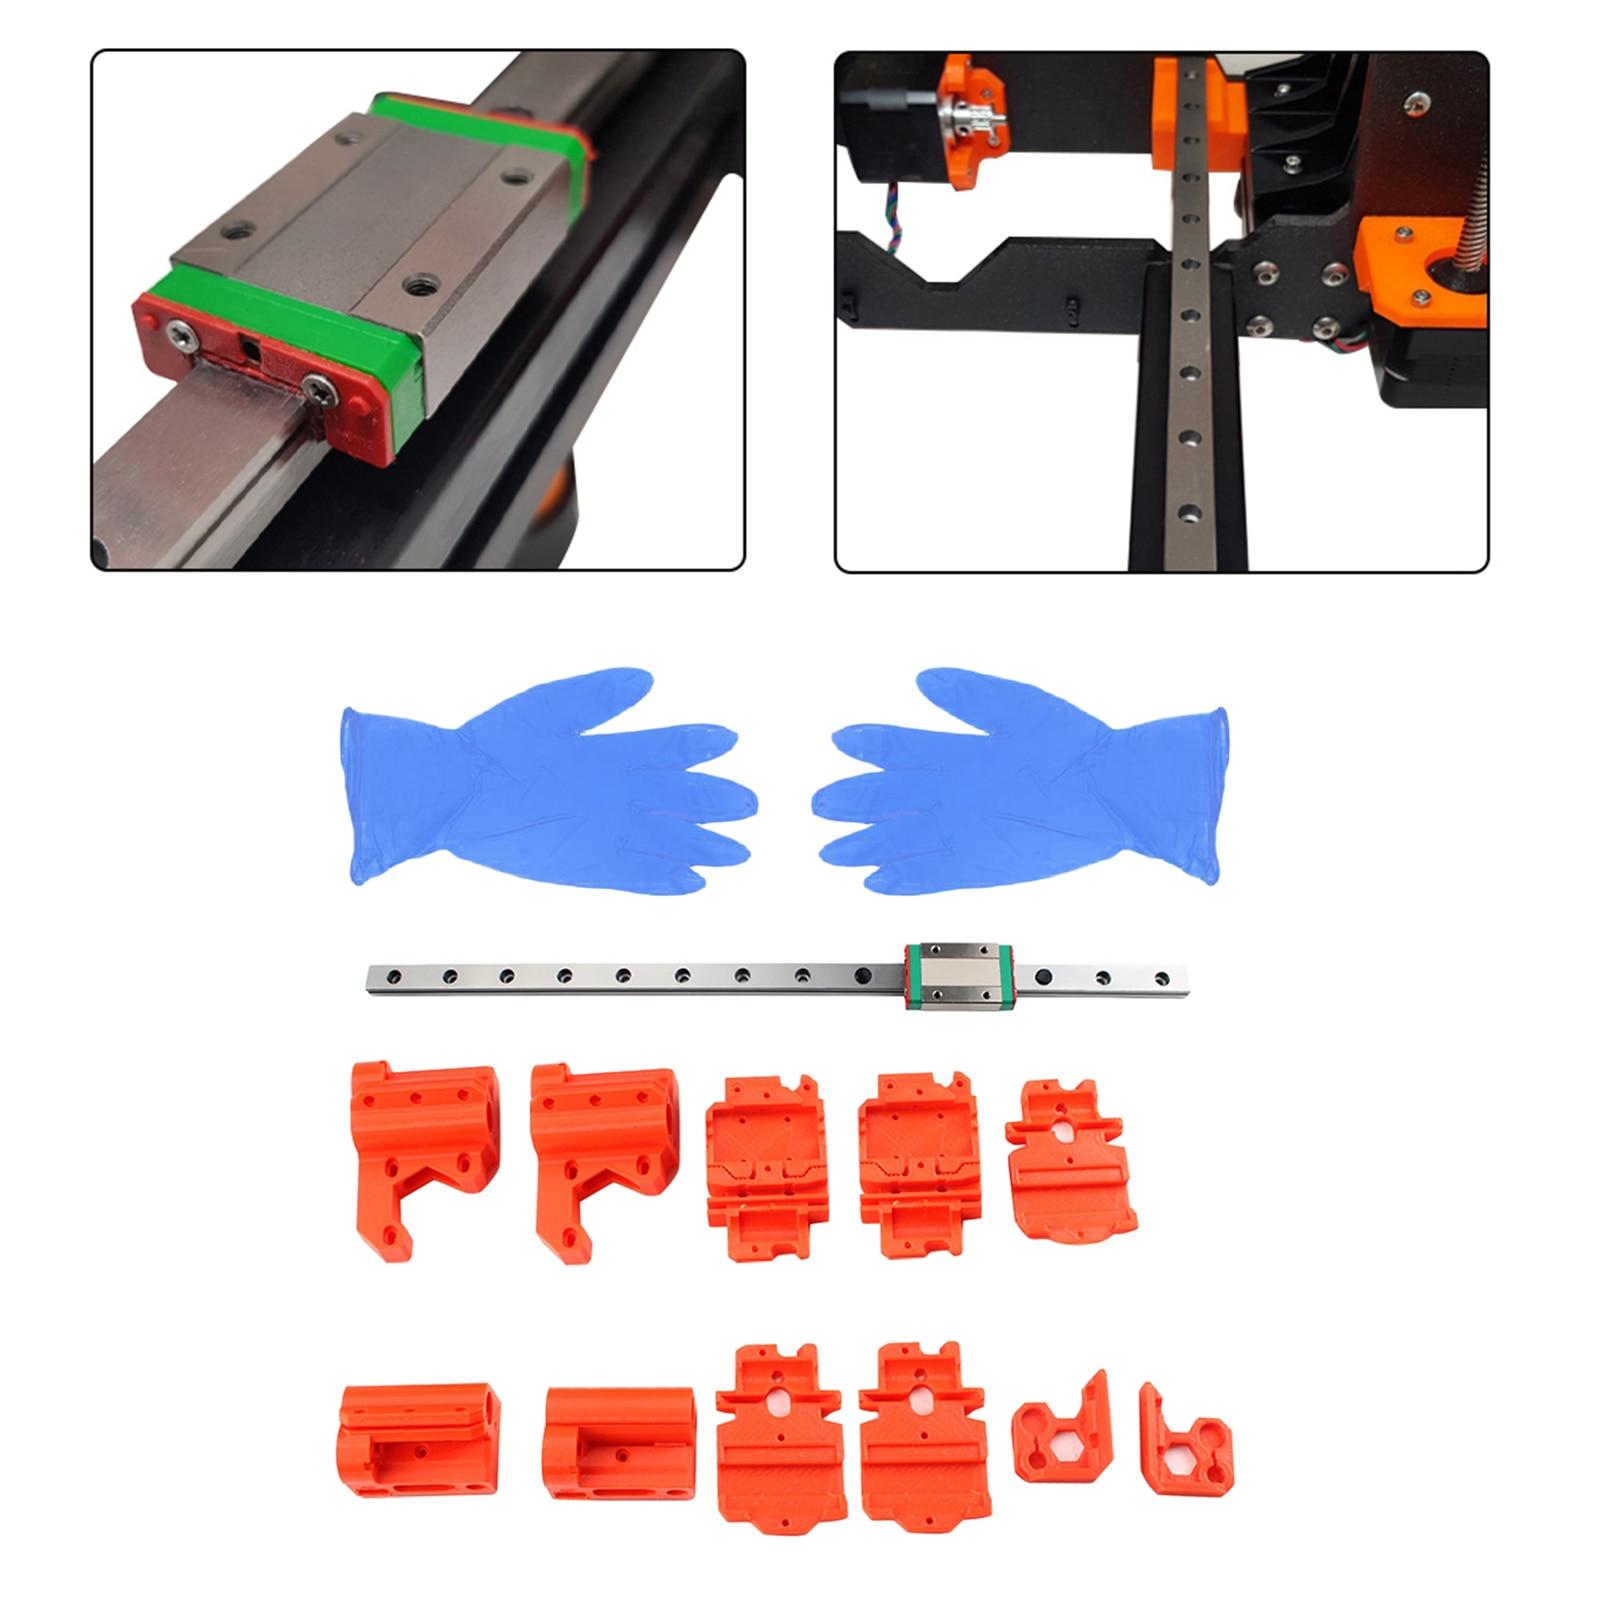 X A-x-i-s محامل إرشادية خطية للسكك الحديدية متوافقة مع طابعات Prusa i3 mk3s مصنوعة من مواد متميزة